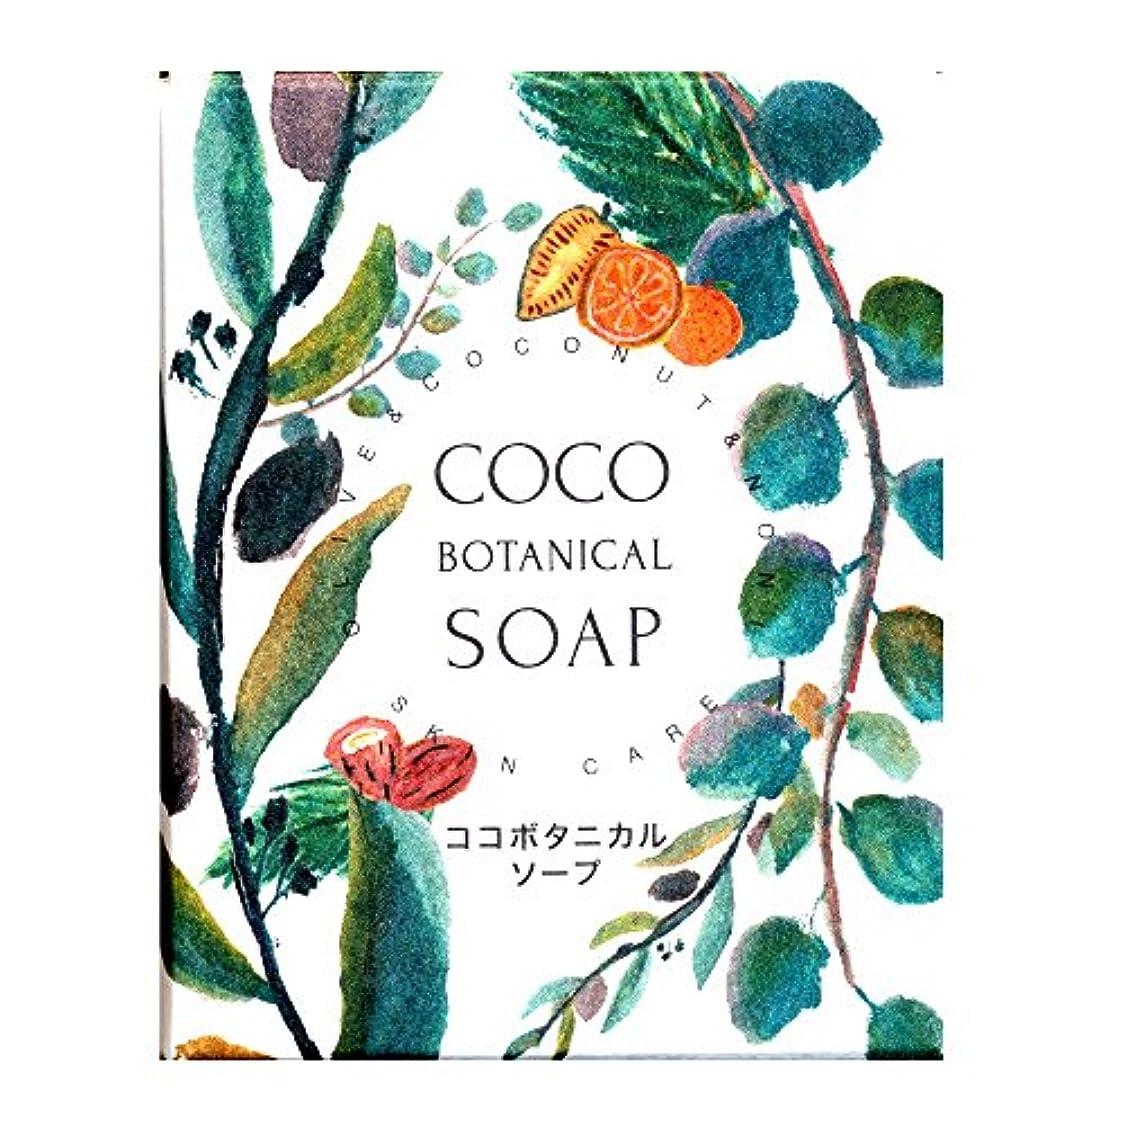 早くびっくり論争的ココ ボタニカルソープ 95g (洗顔石鹸)